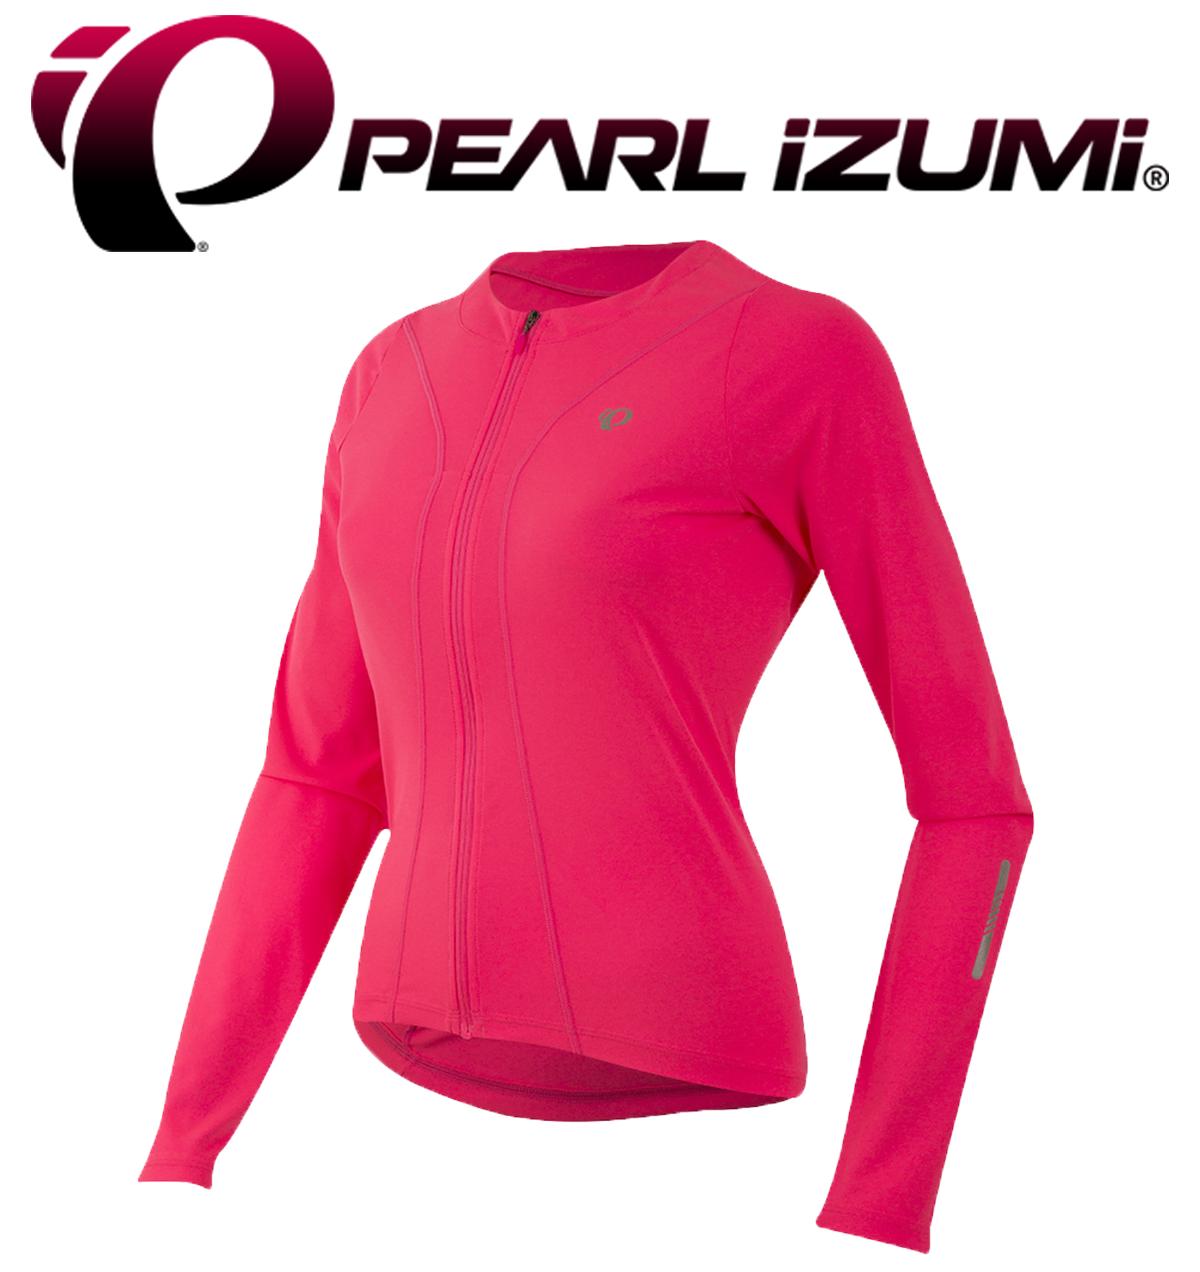 Pearl Izumi Women's Bioviz Biking Pursuit Compression Pink L